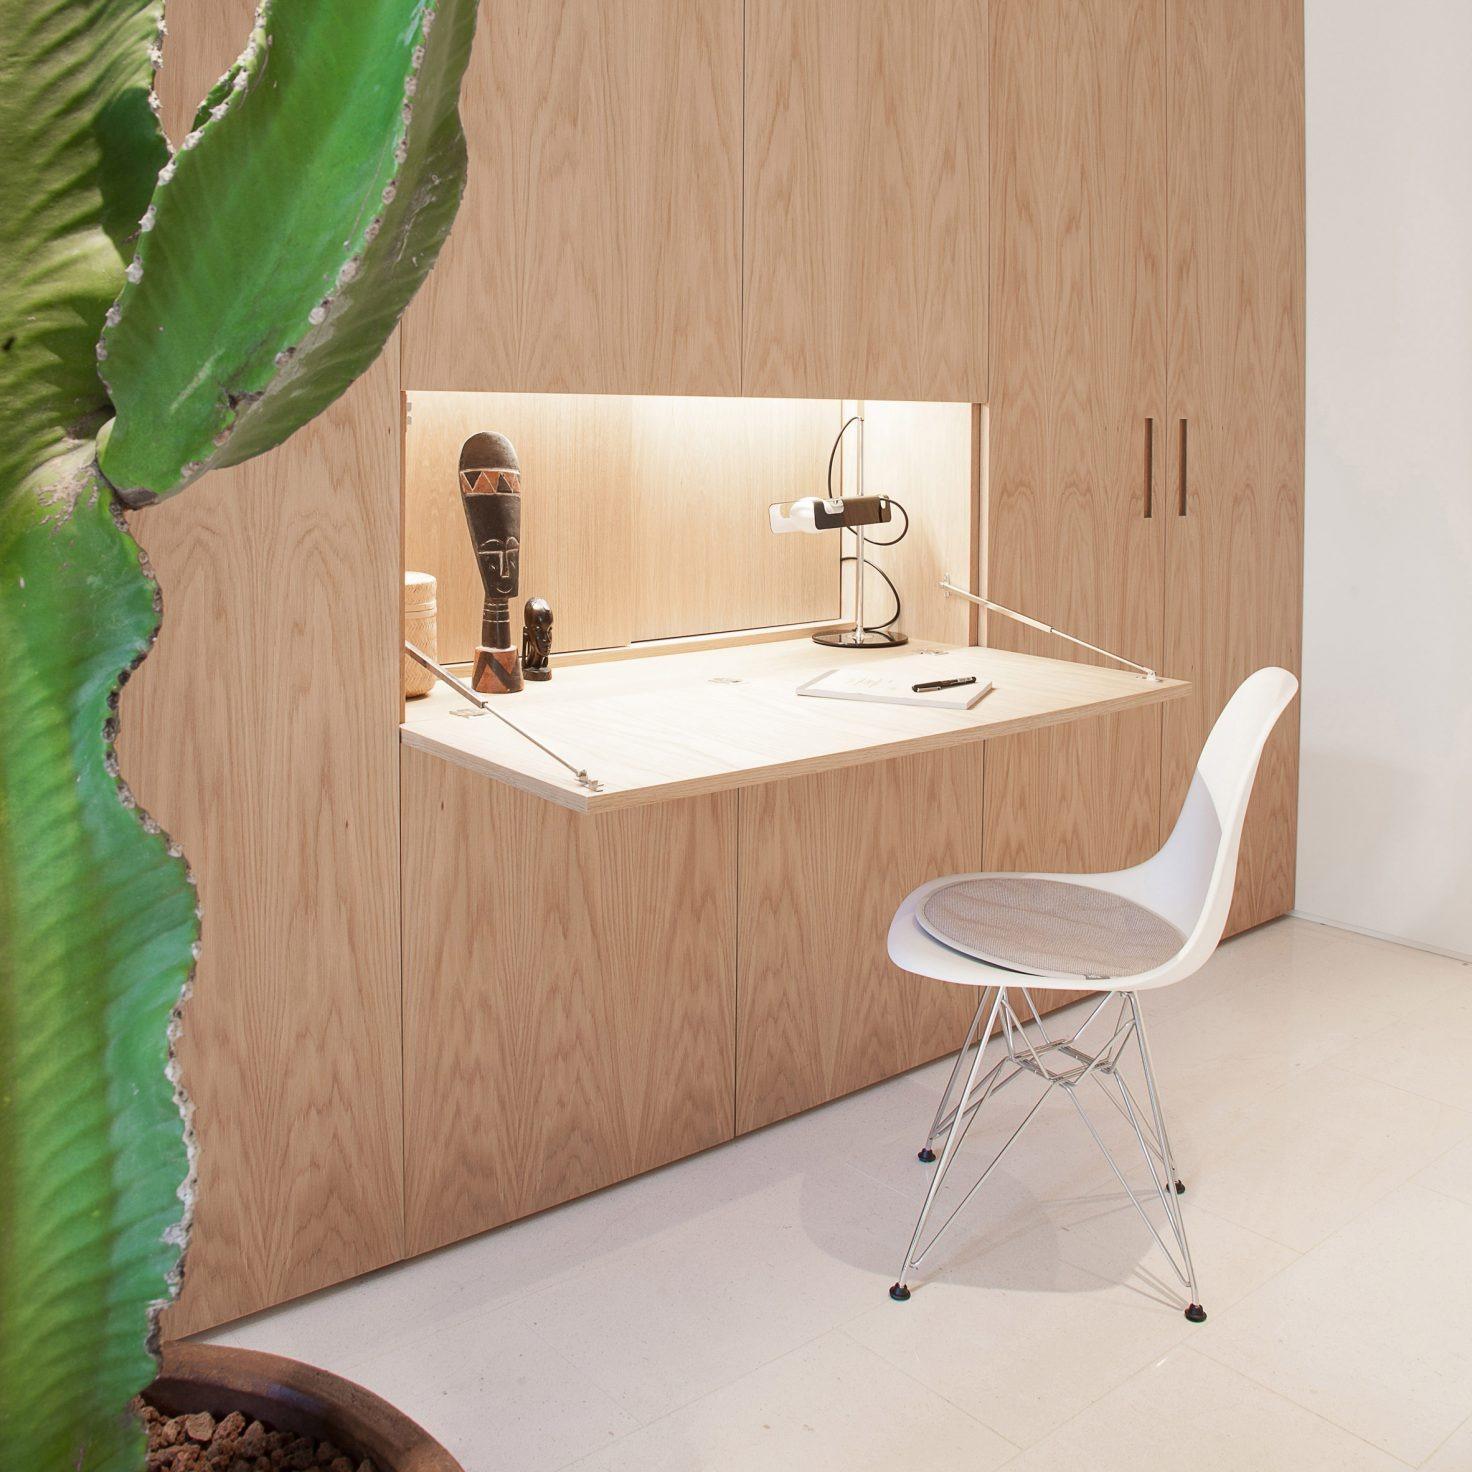 Apartamento en Argentona (Barcelona) / YLAB Arquitectos